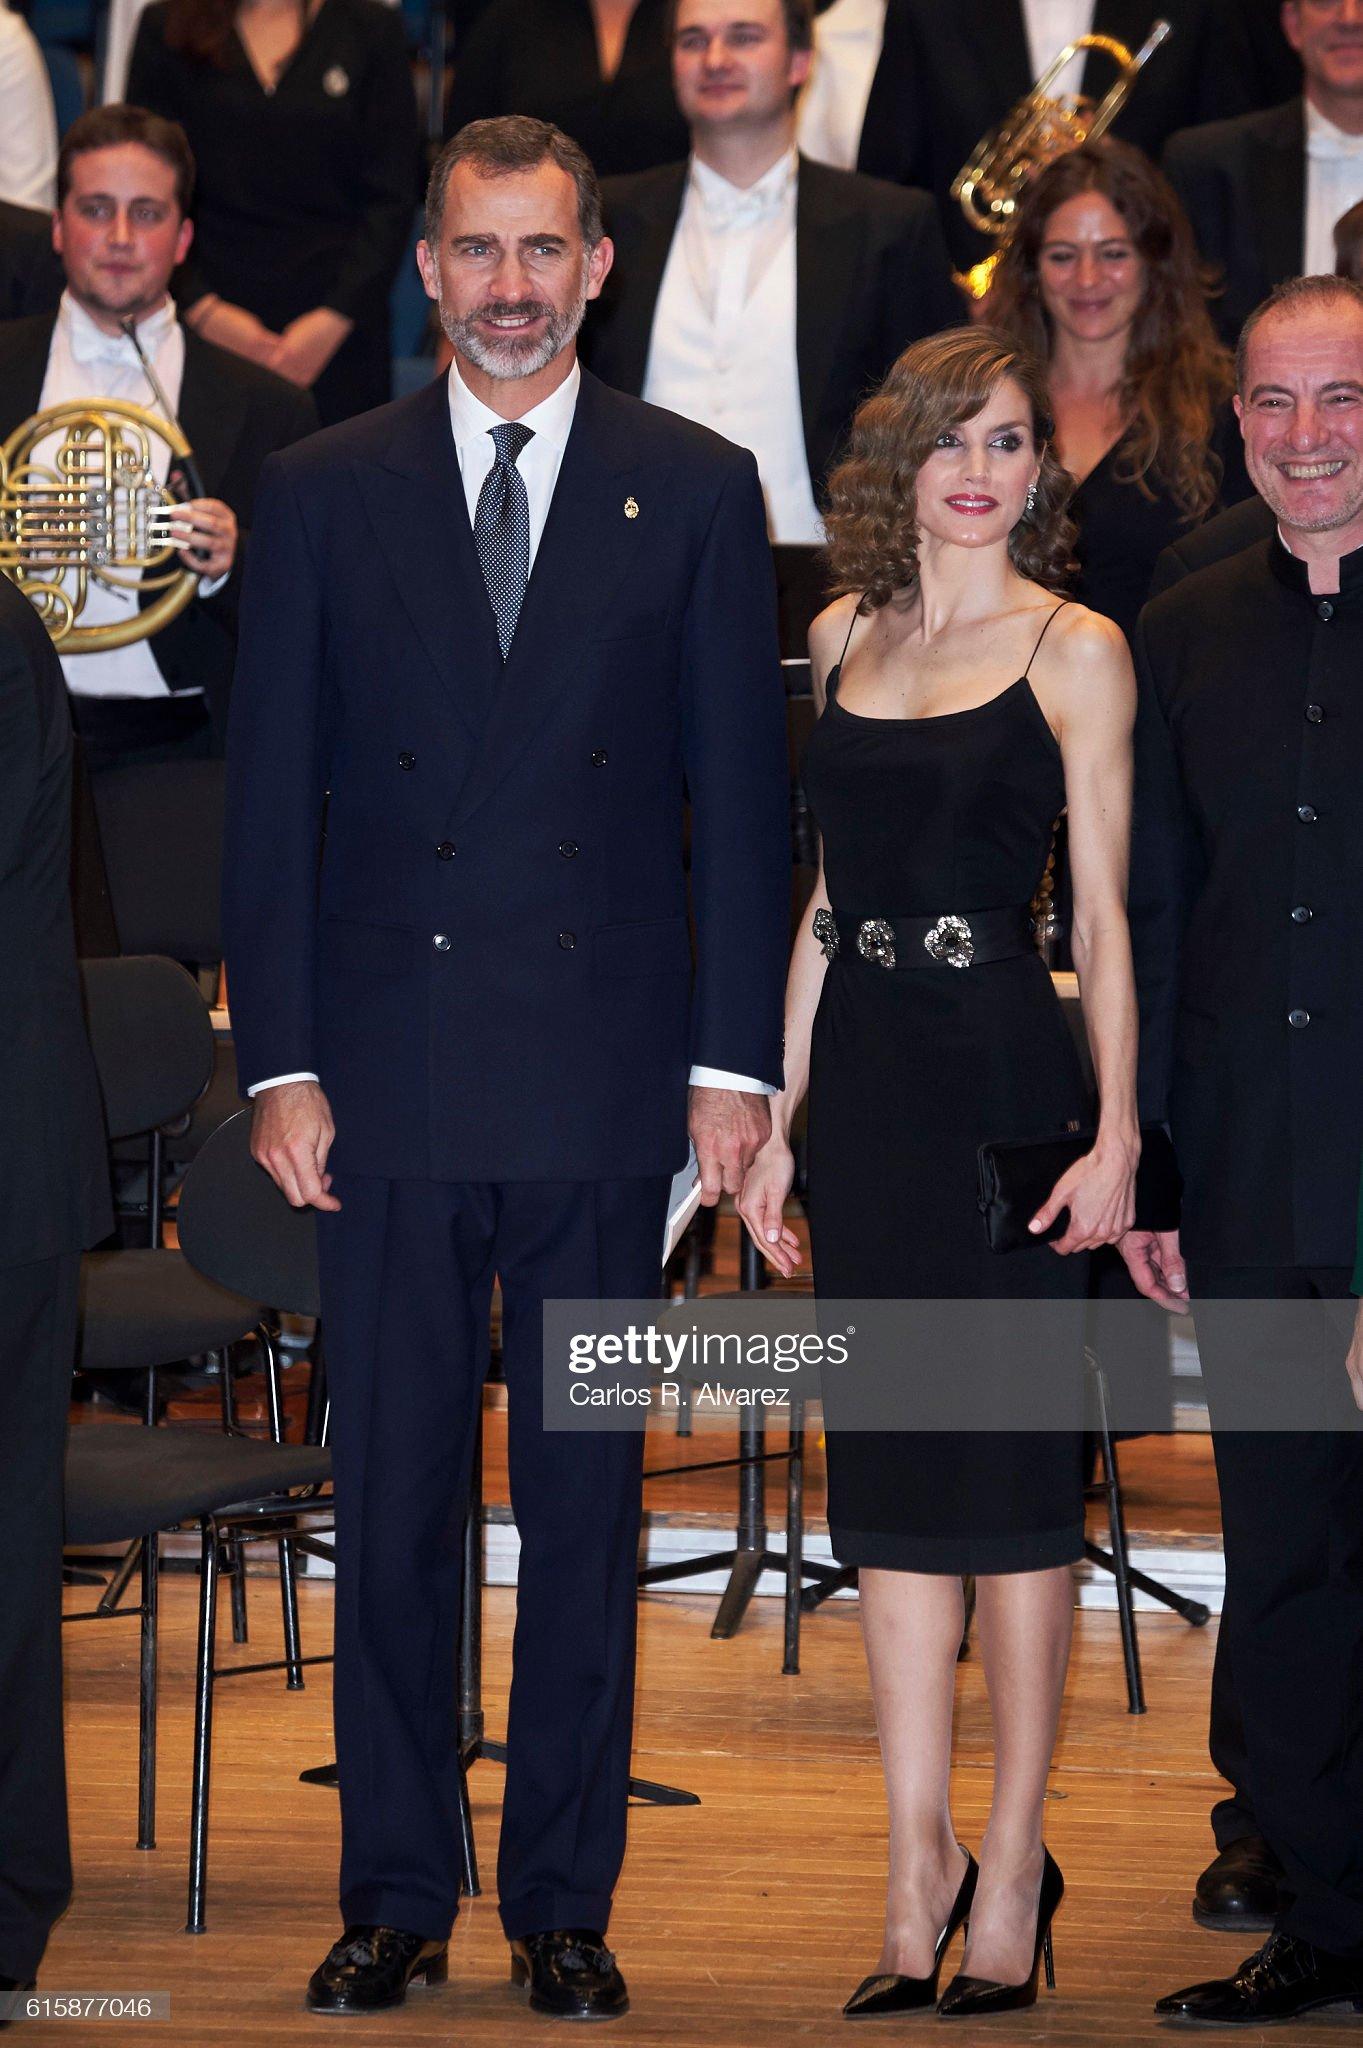 'Princesa De Asturias' Awards 2016 - Day 1 : News Photo